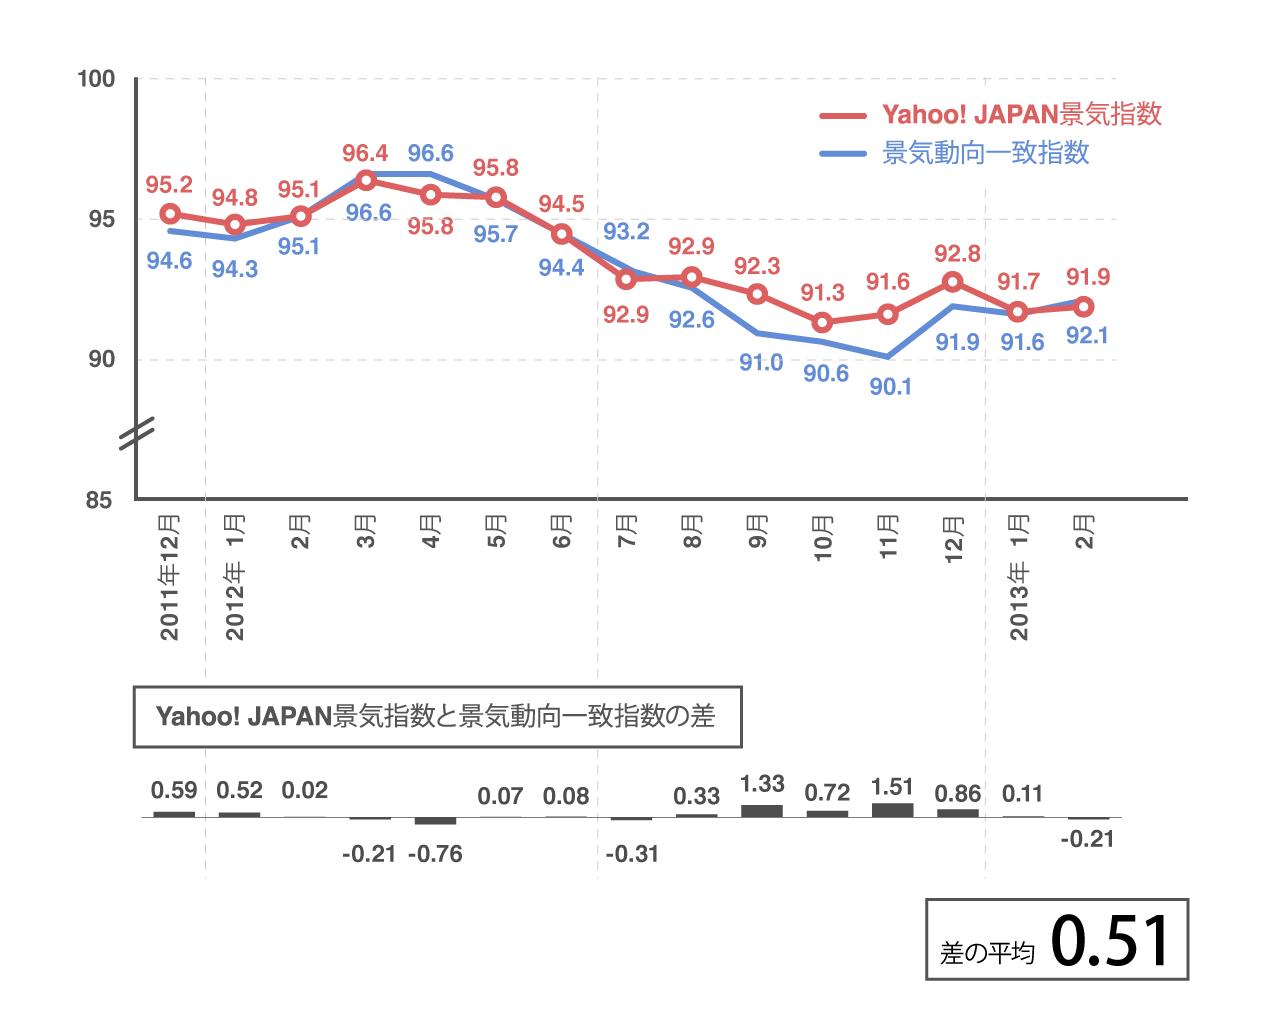 過去のビッグデータレポートで紹介した景気動向一致指数とヤフー景気指数の比較グラフ。相関に基づいたモデル作りの一例としての紹介